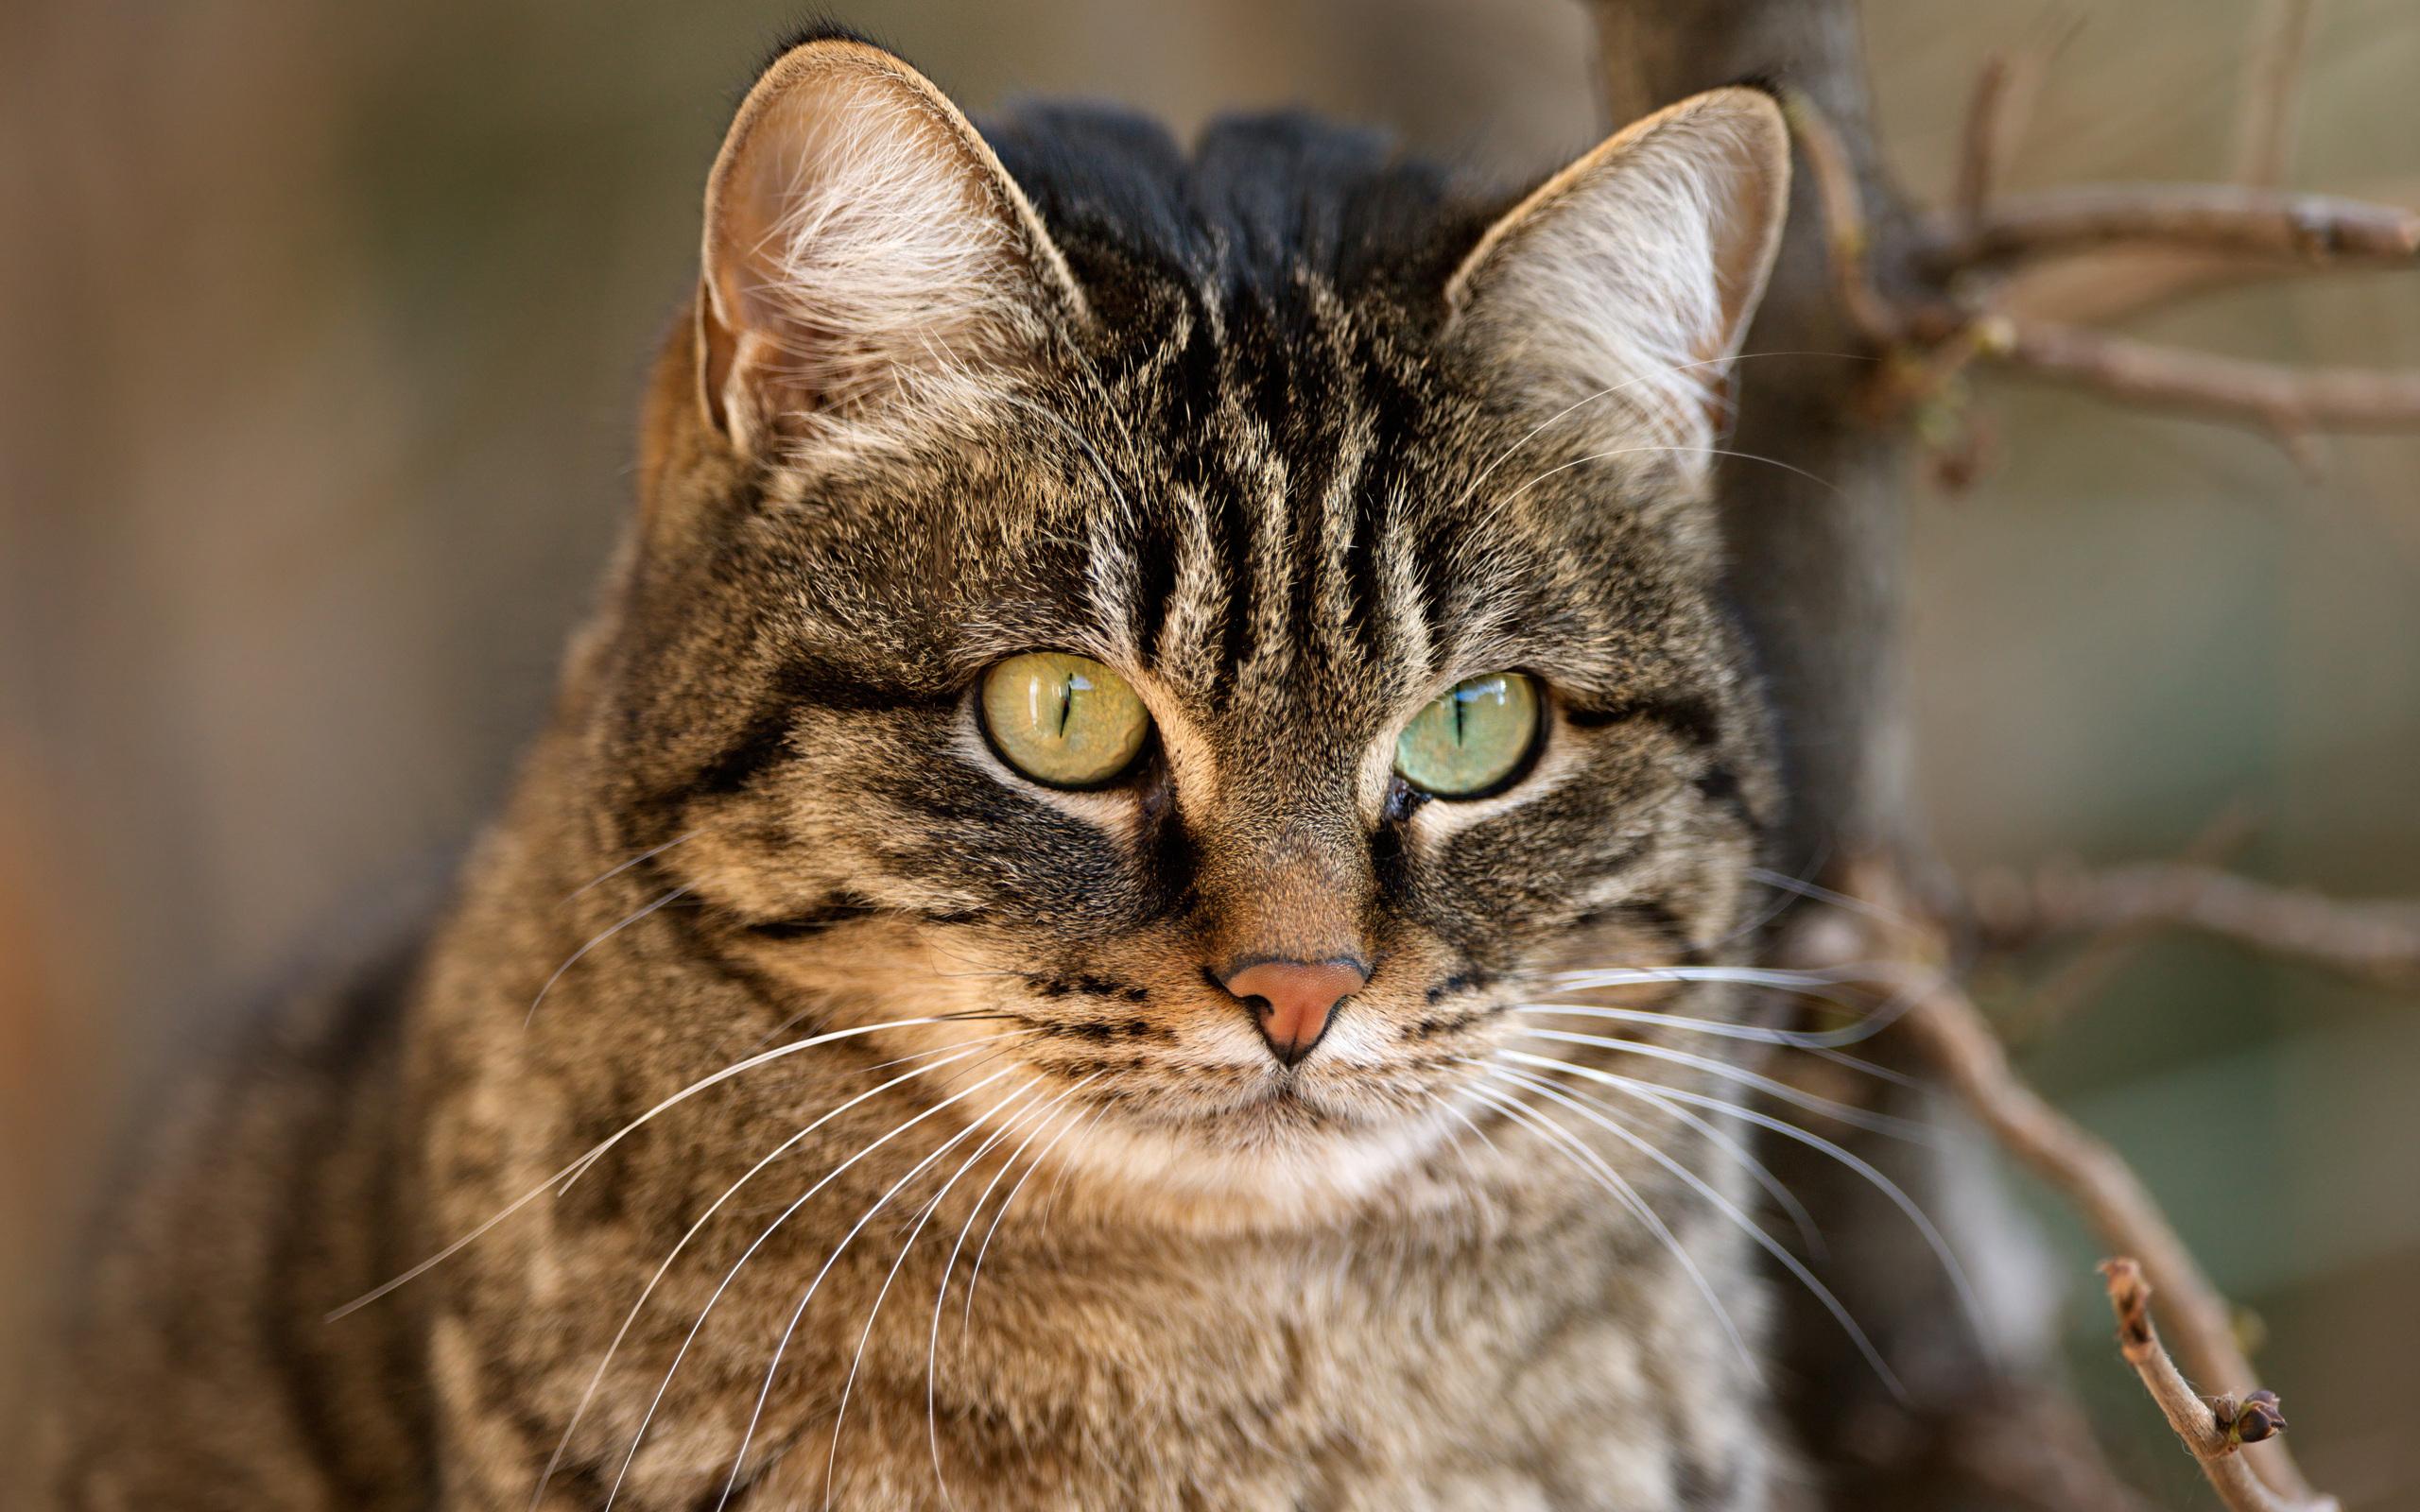 Смотреть картинки кошек, открытках октября